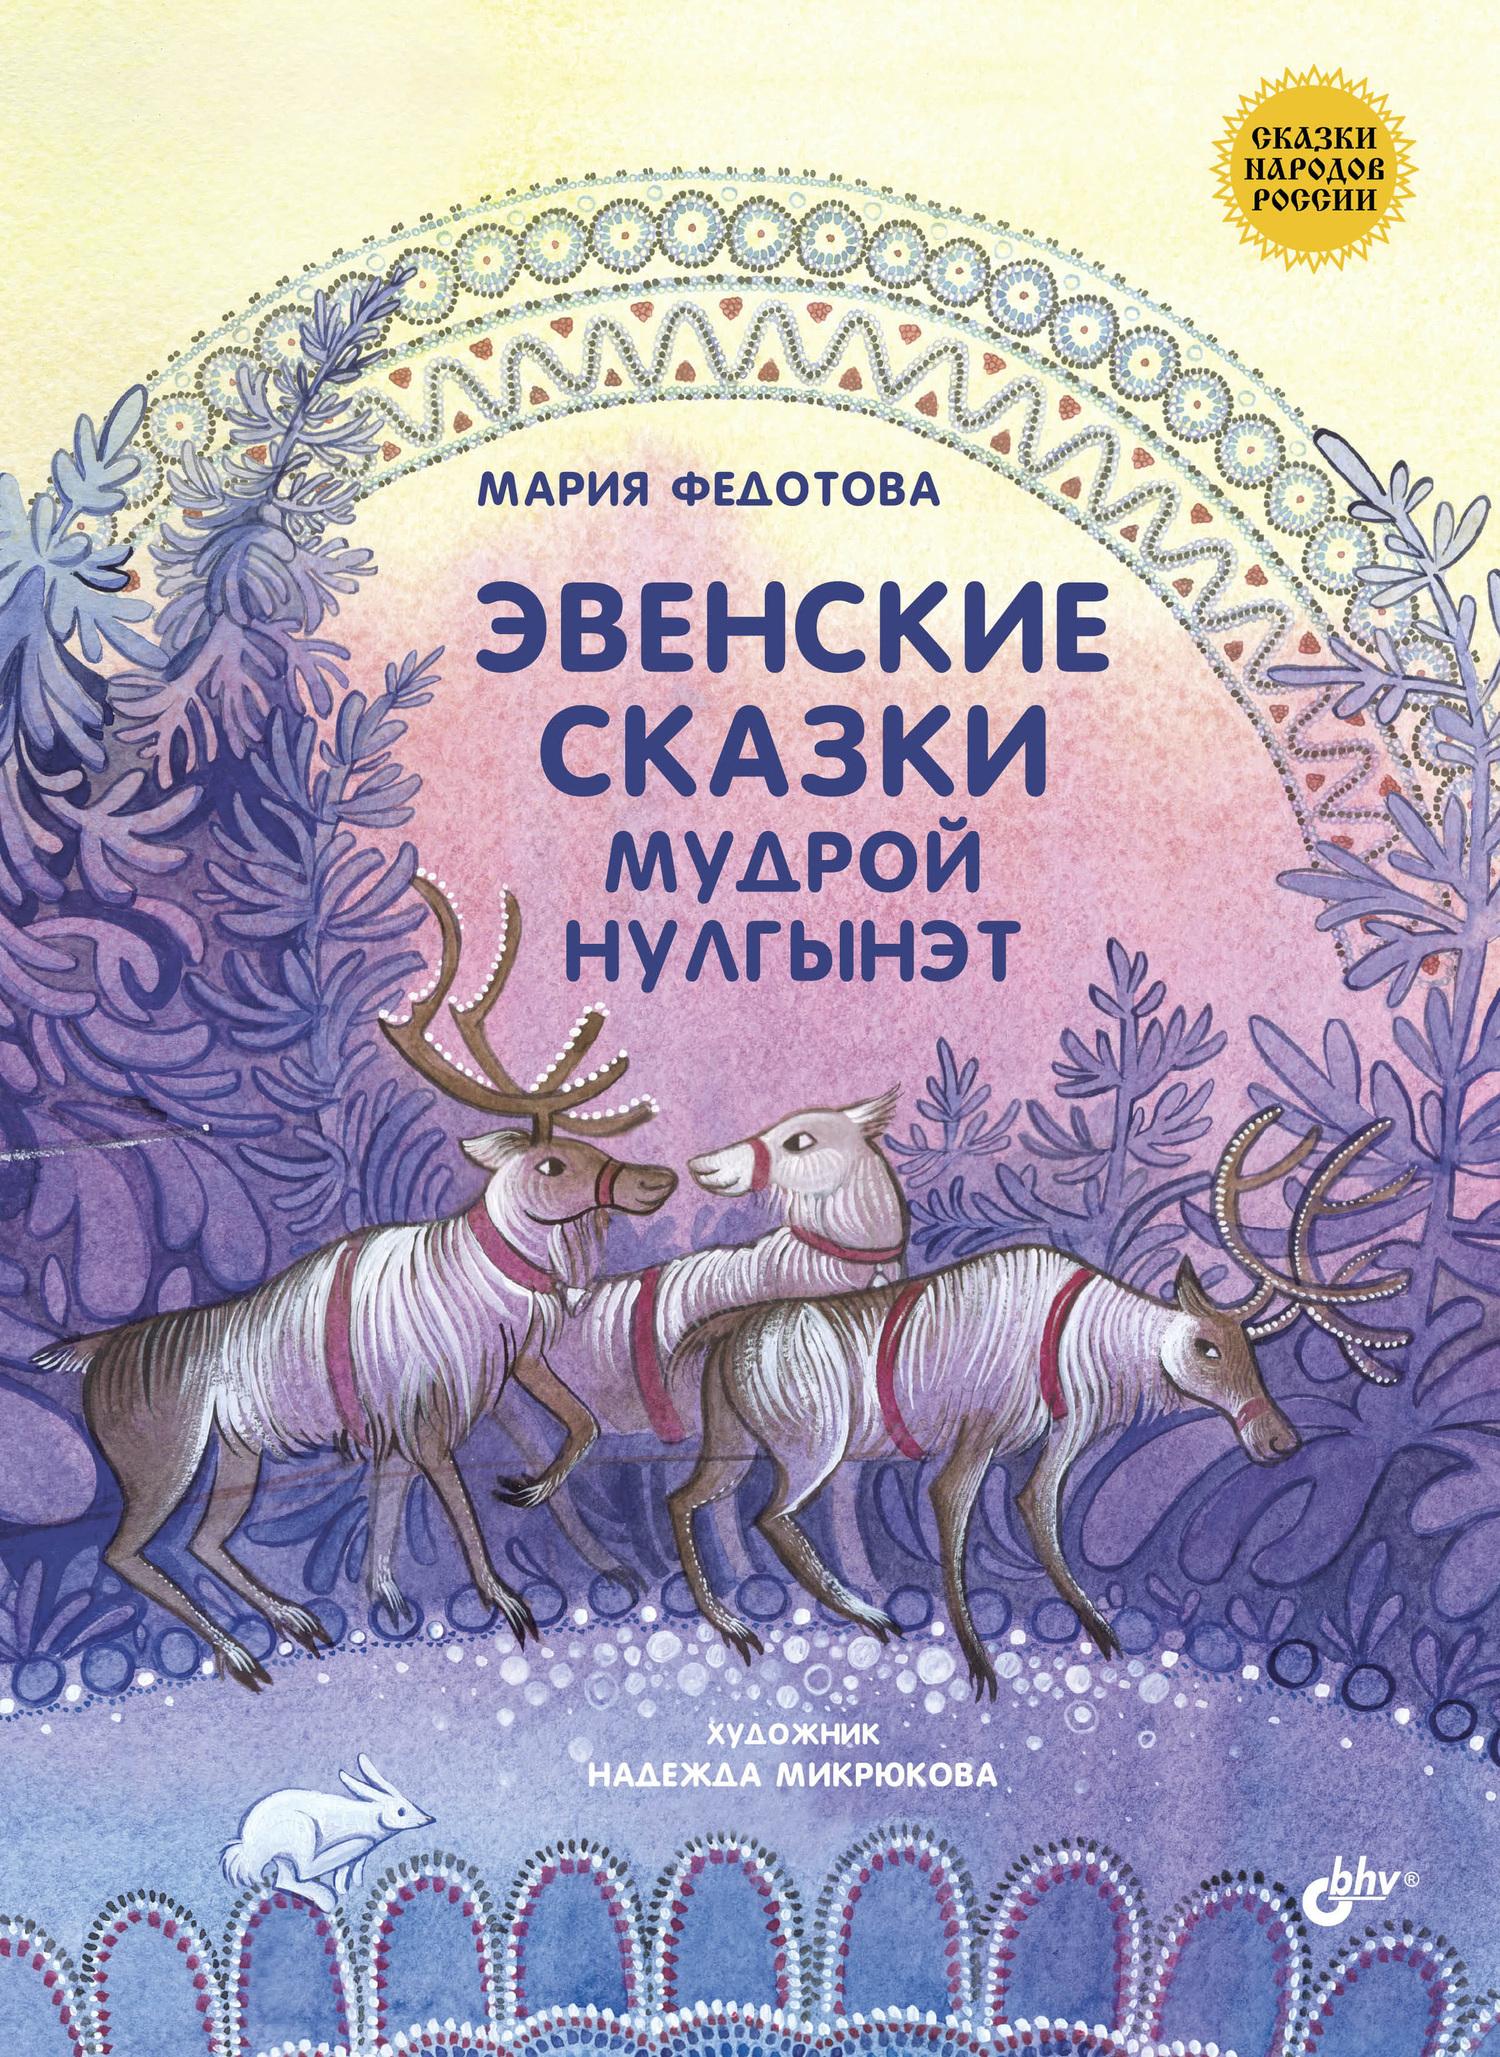 Мария Федотова - Эвенские сказки мудрой Нулгынэт